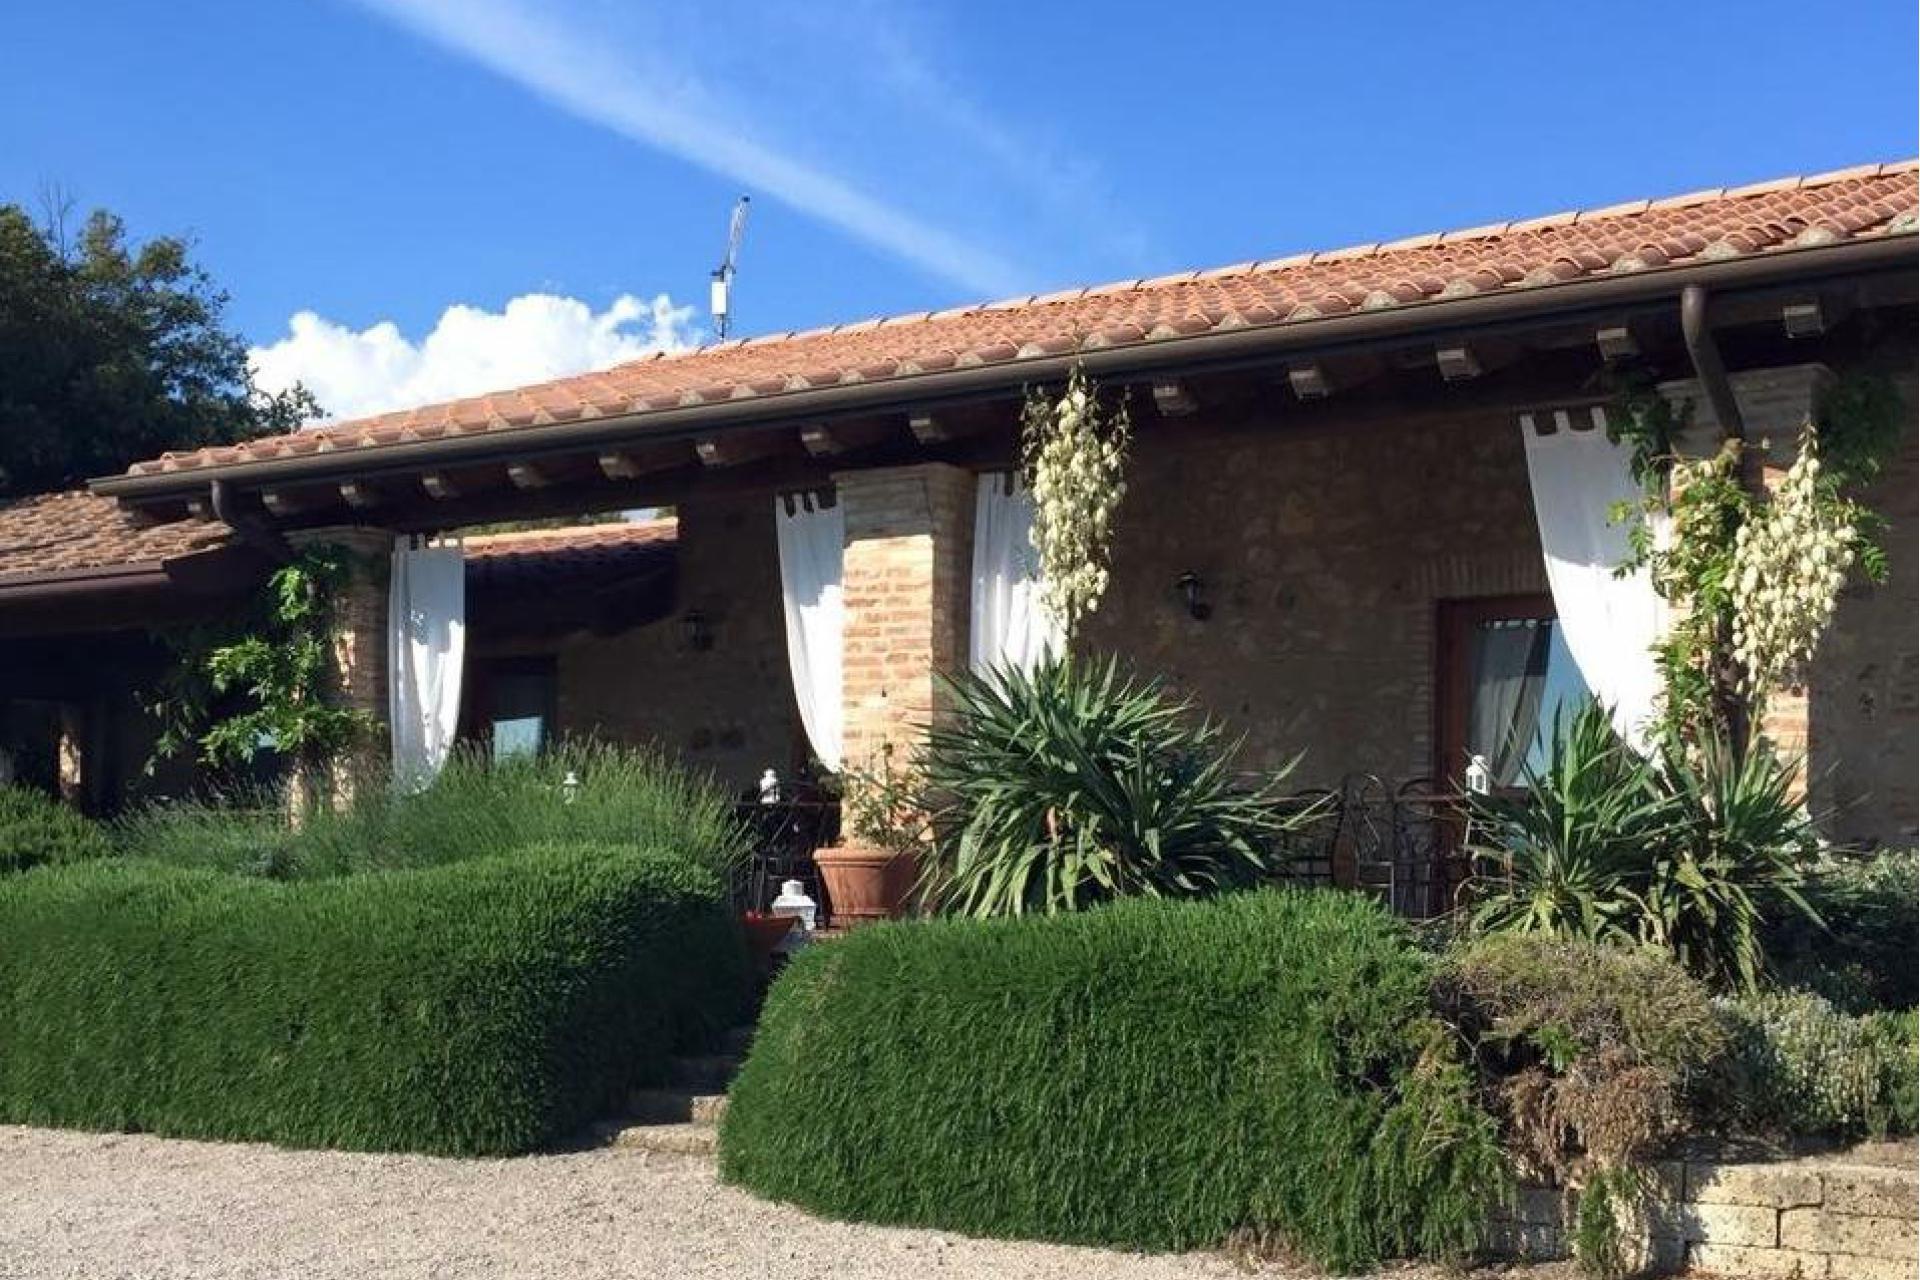 Agriturismo Toscane Kleine vakantie-boerderij in de Toscaanse heuvels